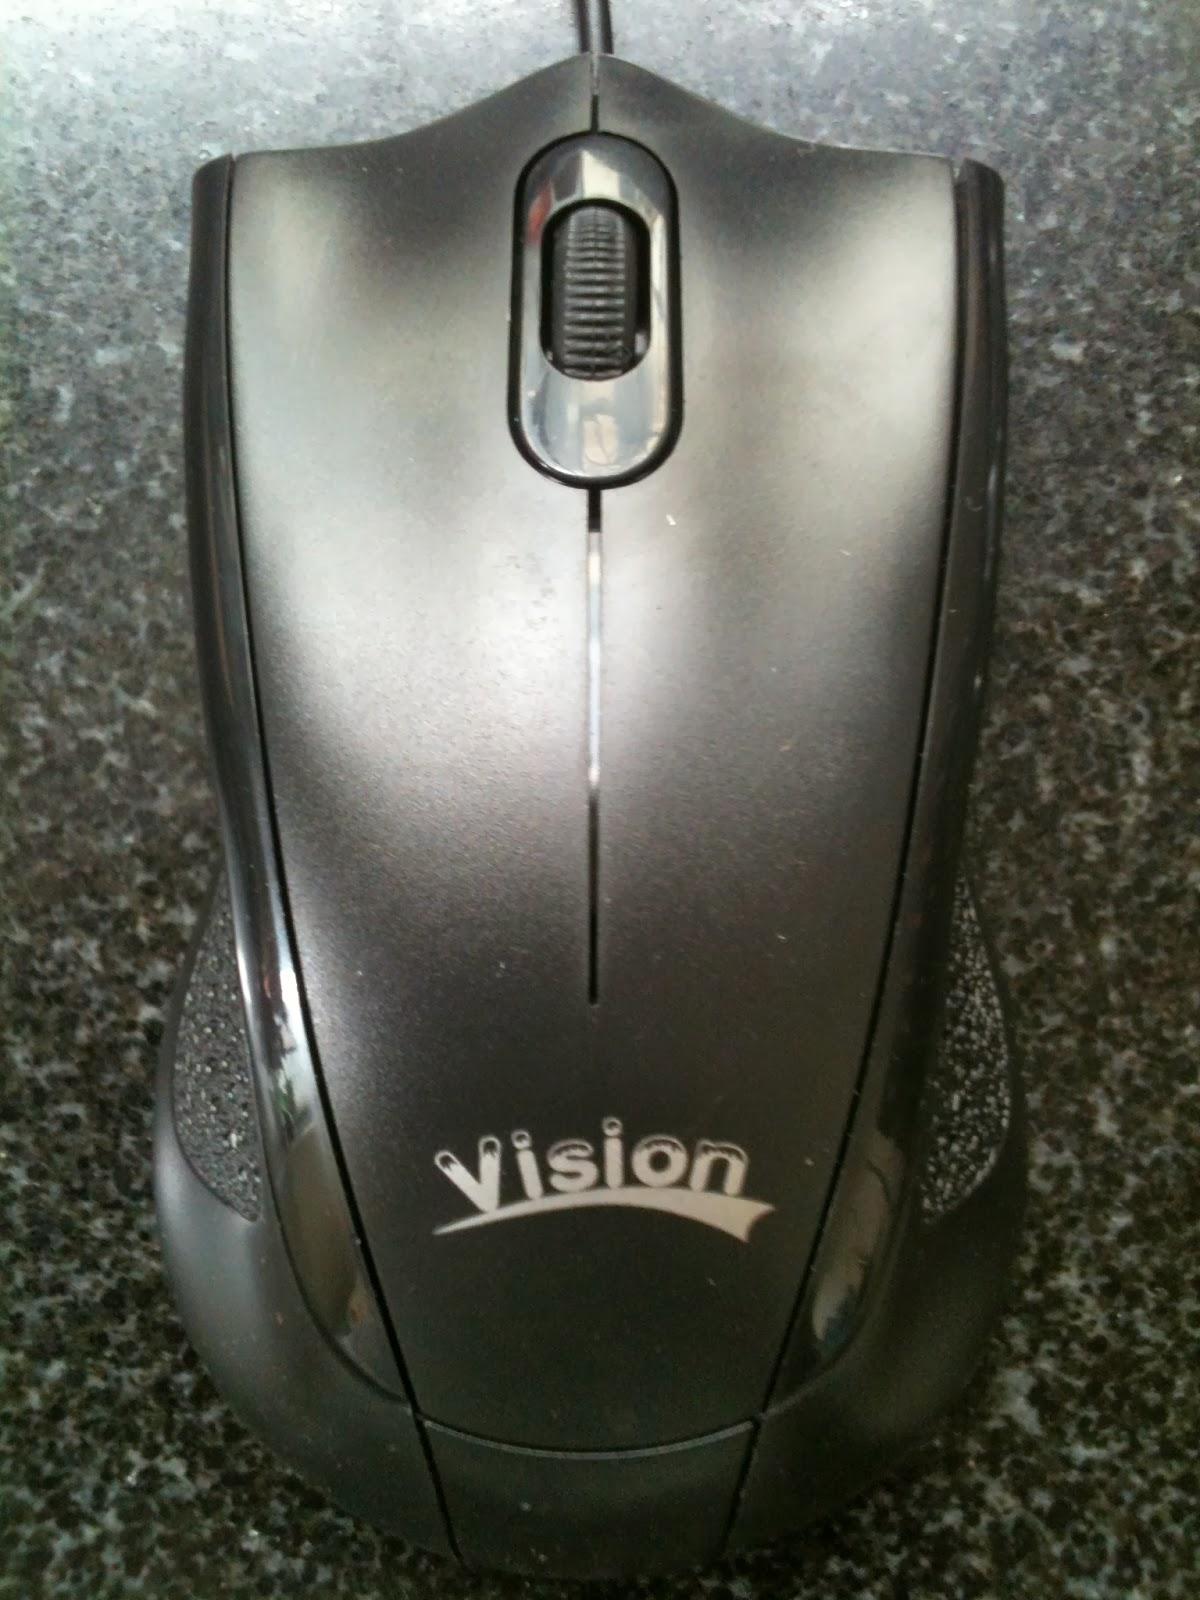 Chuột chuyên game Vision D2 giá rẻ Dukita Shop